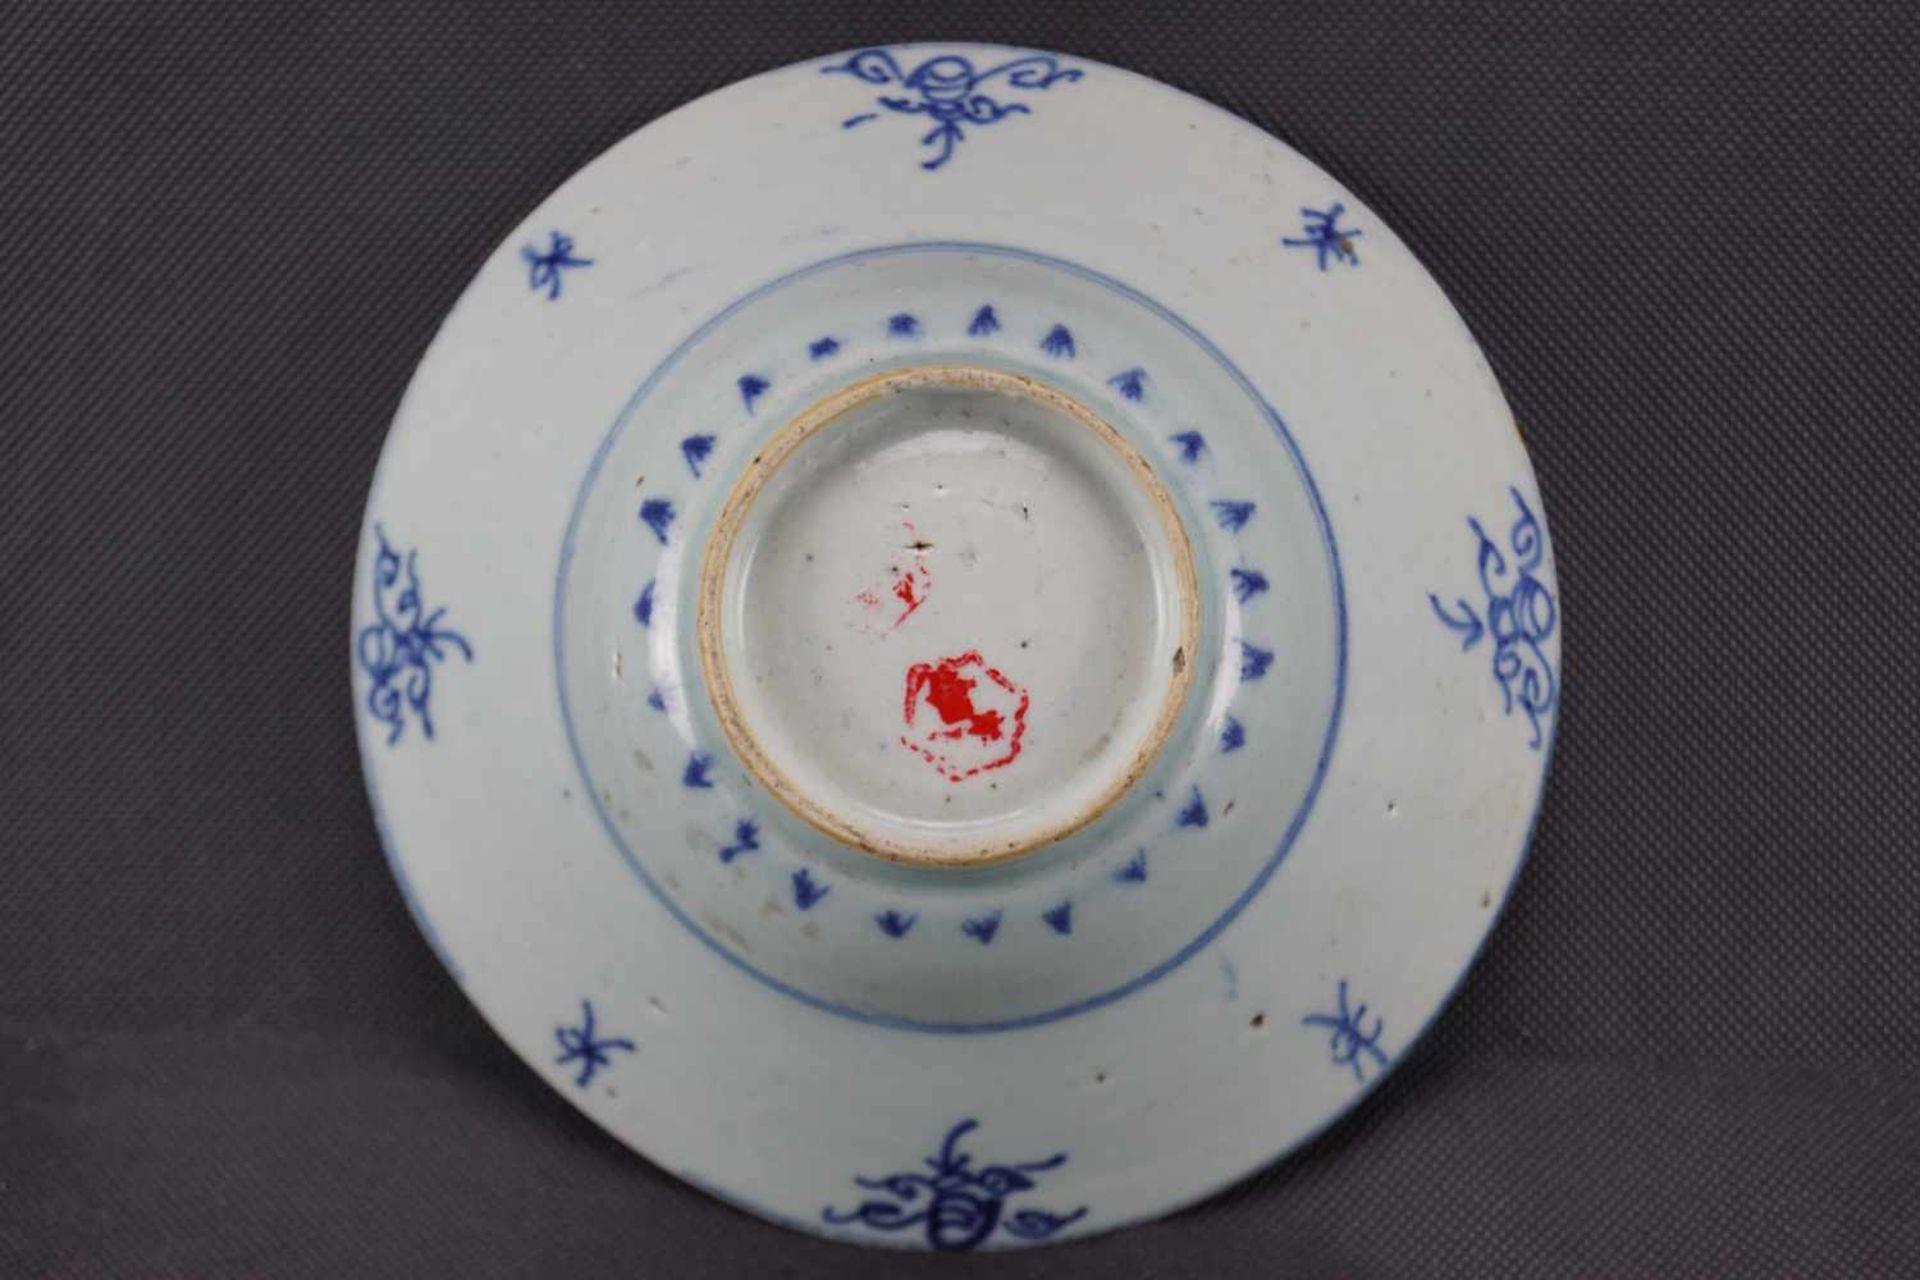 Schale, China Porzellan, seladonfarbener Fond mit blauer Unterglasurmalerei, Höhe 7 cm x Durchmesser - Bild 2 aus 2